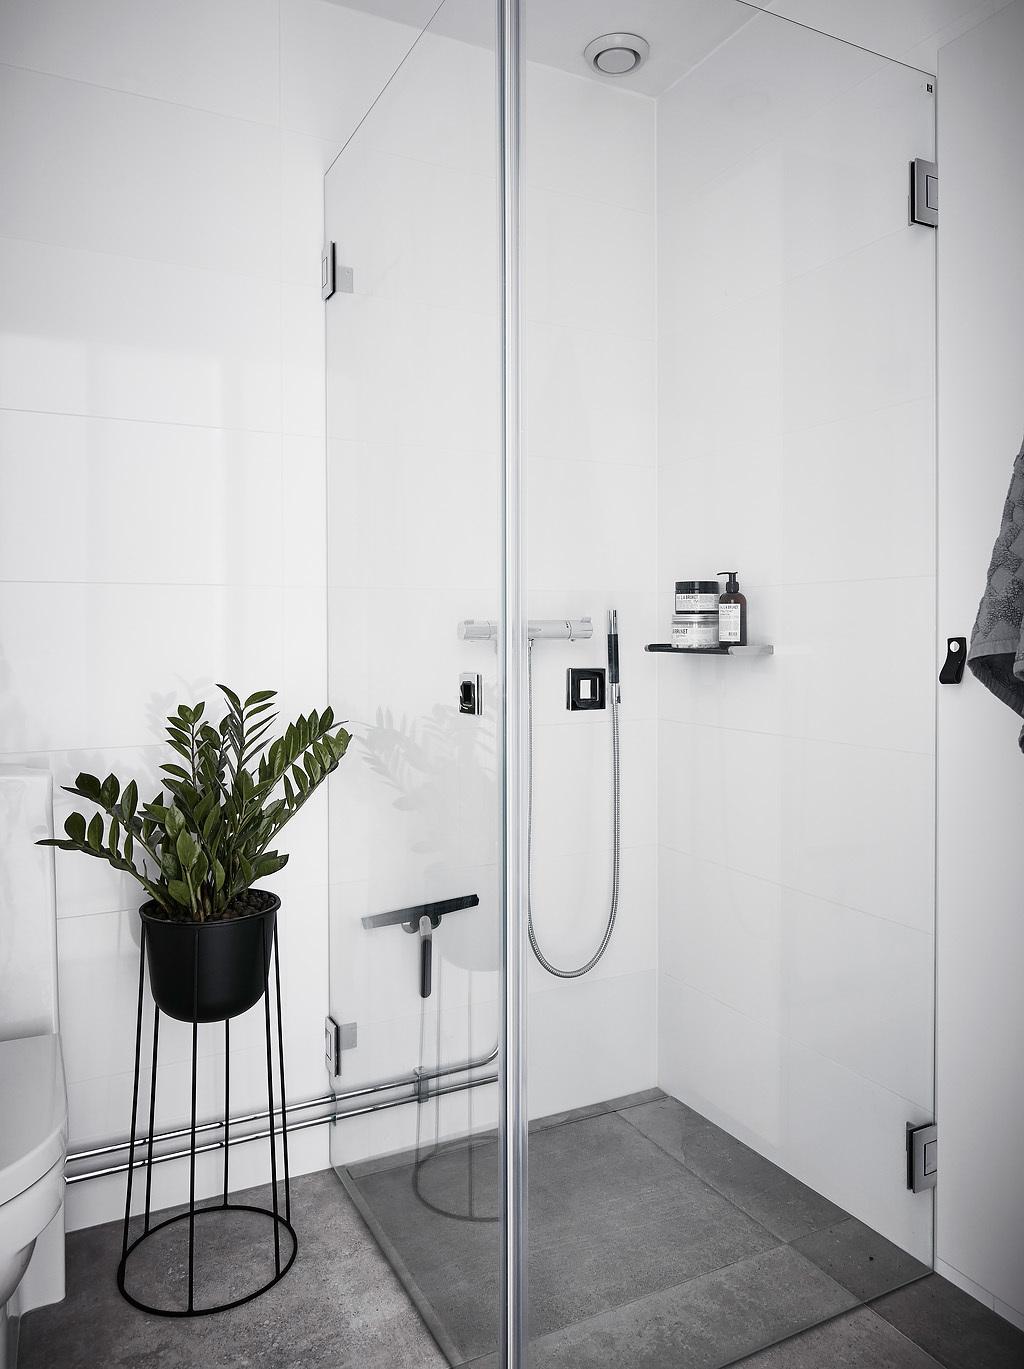 Szklany prysznic w małej łazience